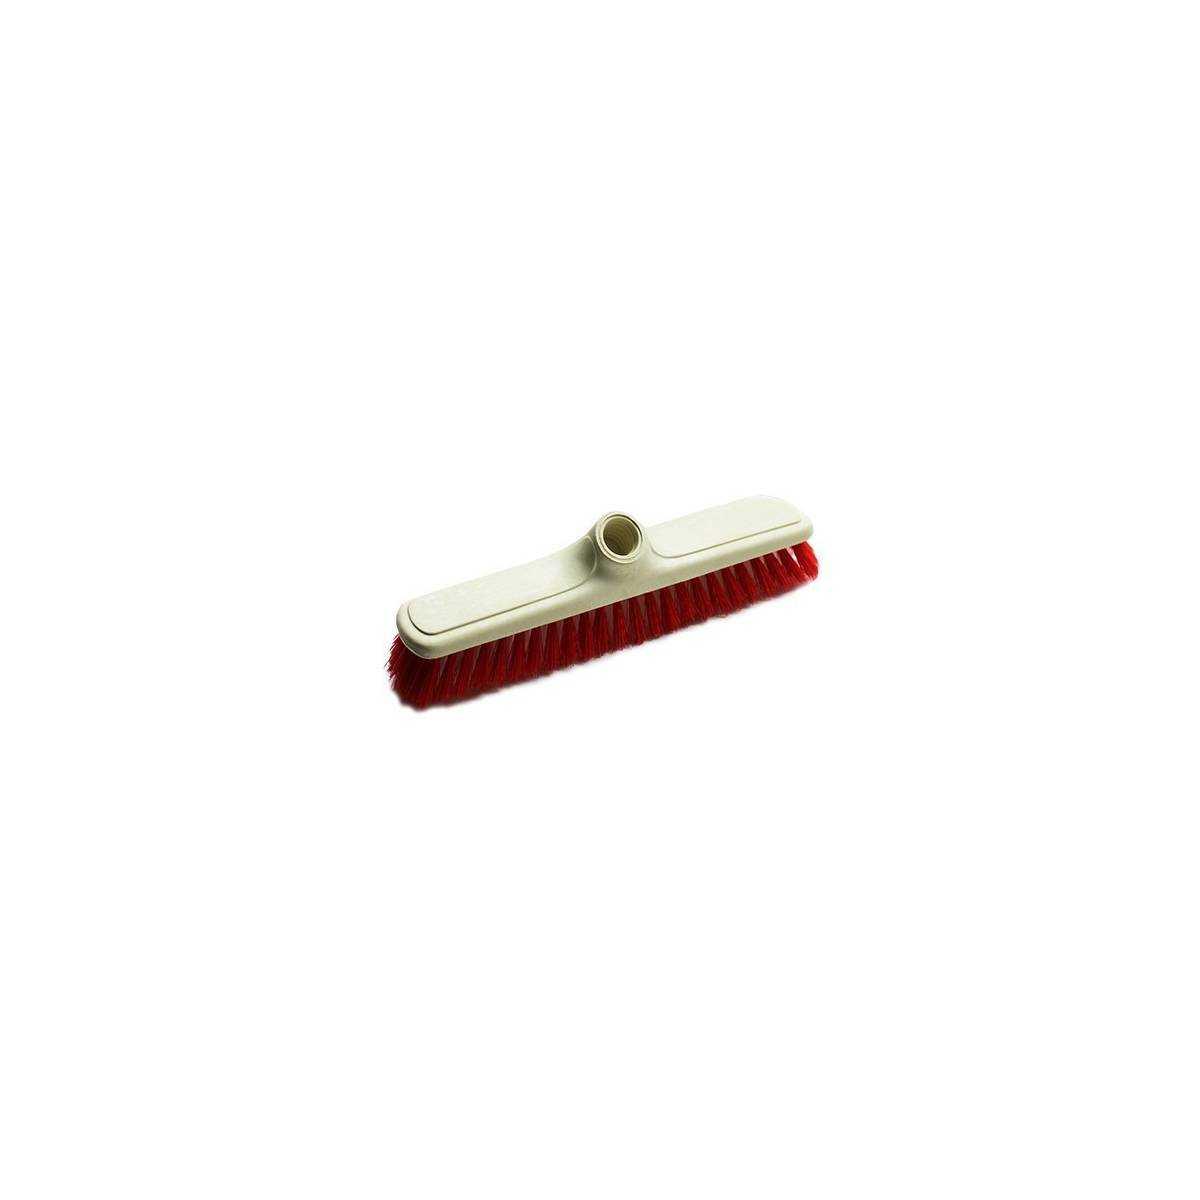 Щетка для пола поливинилхлорид 30см FloorBrushEco (Красно-белого цвета) 08.00645.0012 W TTS